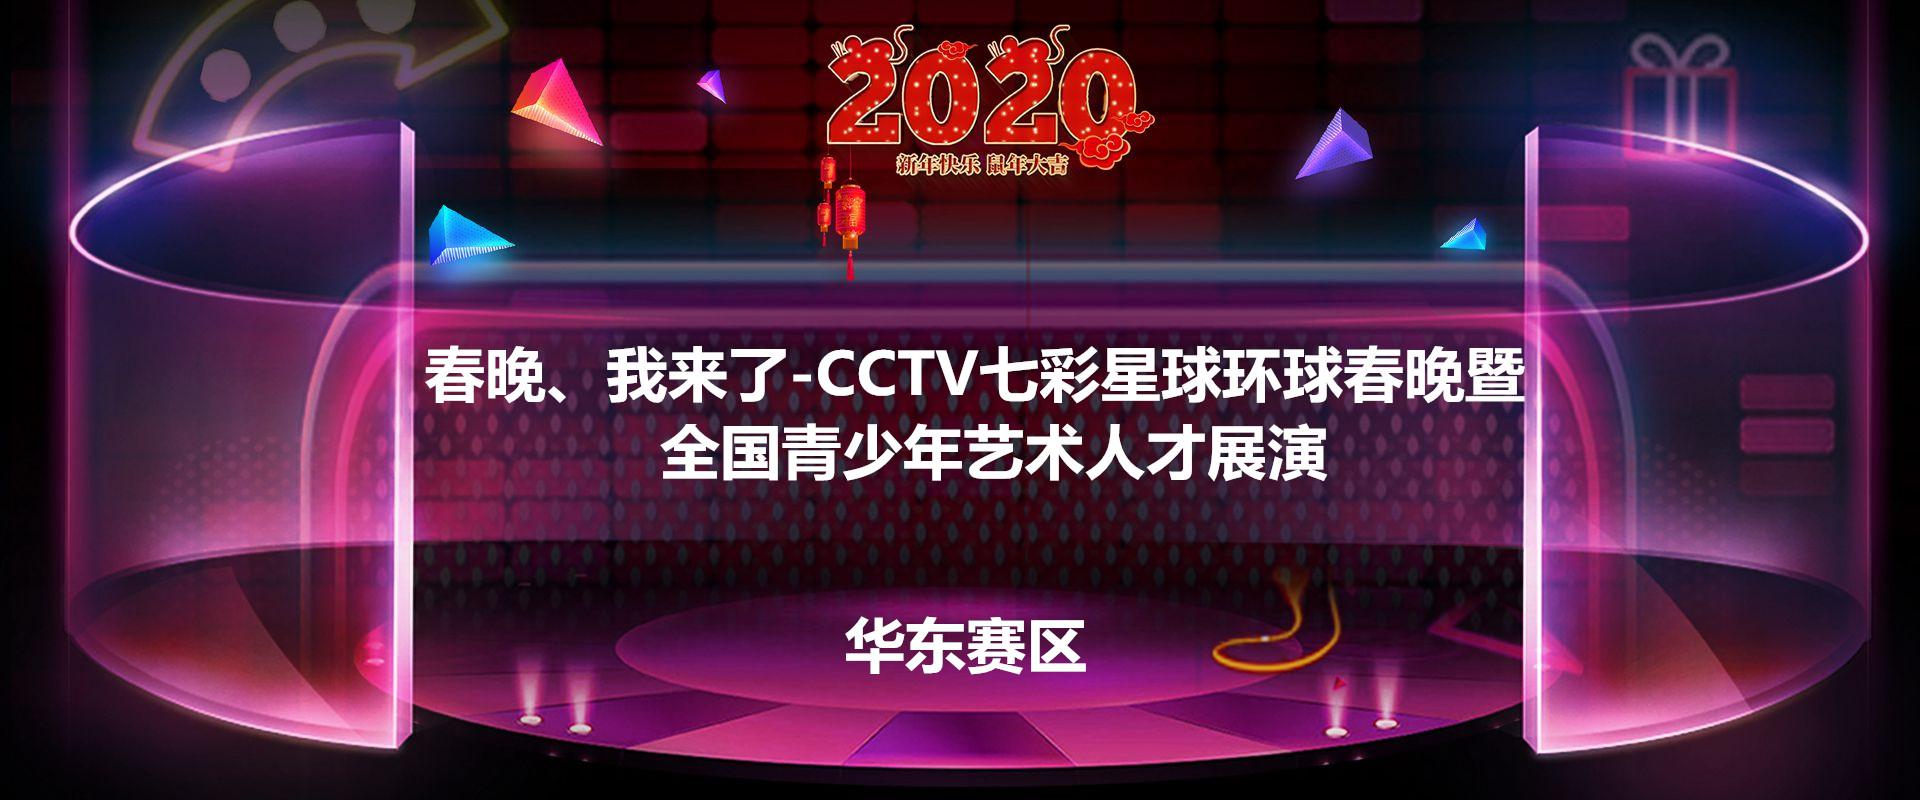 2020春晚、我来了-CCTV七彩星球环球春晚暨全国青少年艺术人才展演华东(江苏)赛区活动花絮集锦